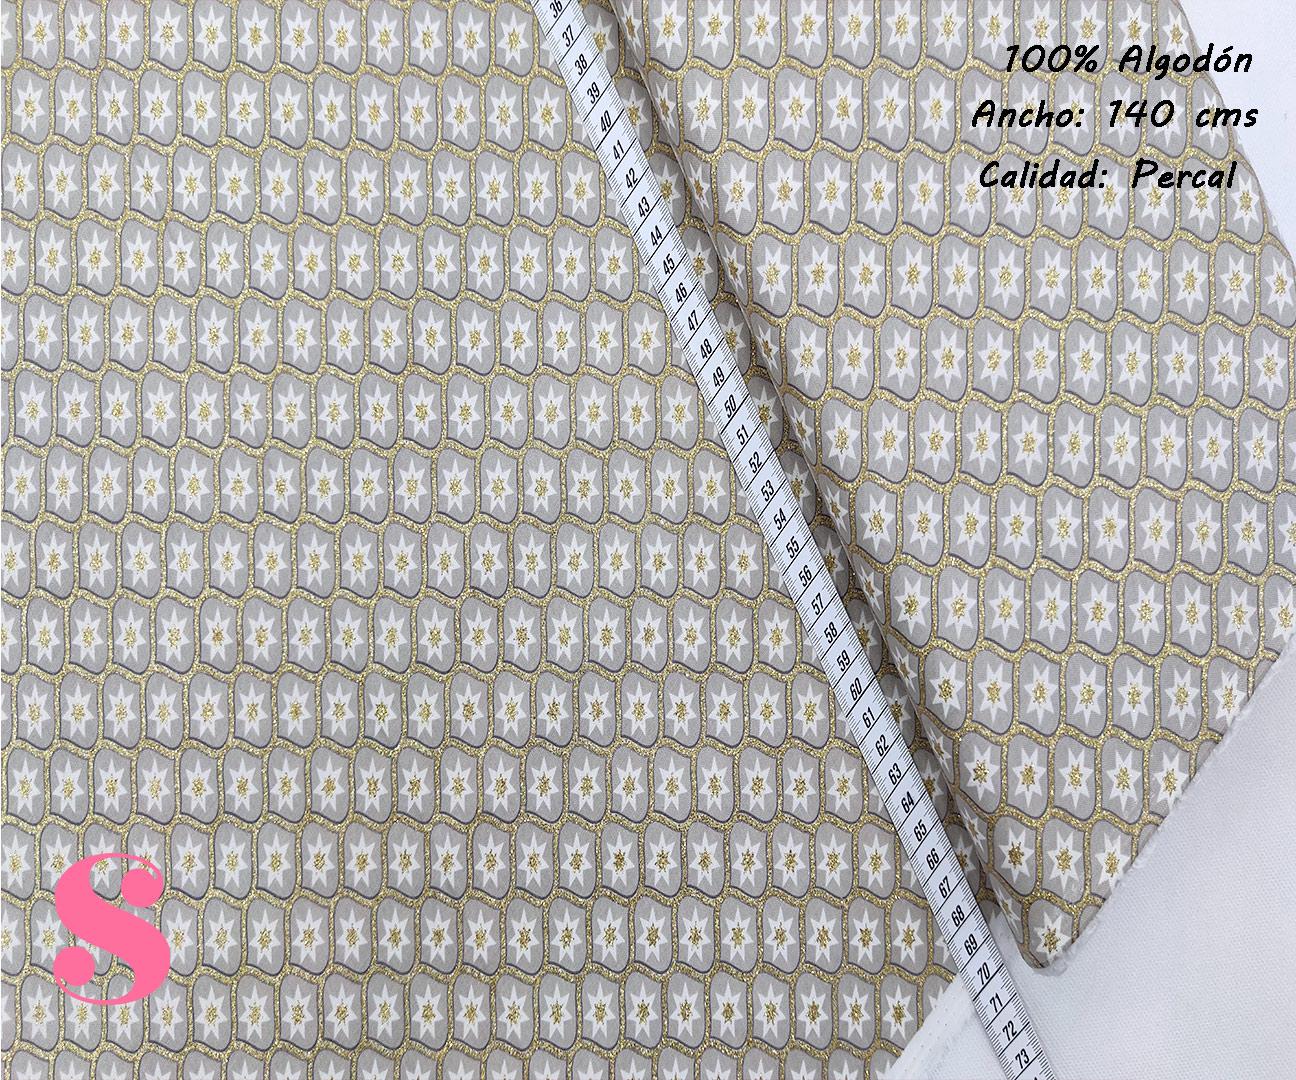 500-estrella-motivos-navidad-tejidos-algodón-estampado-percal,Tejido Estampado Motivos de Navidad Estrella